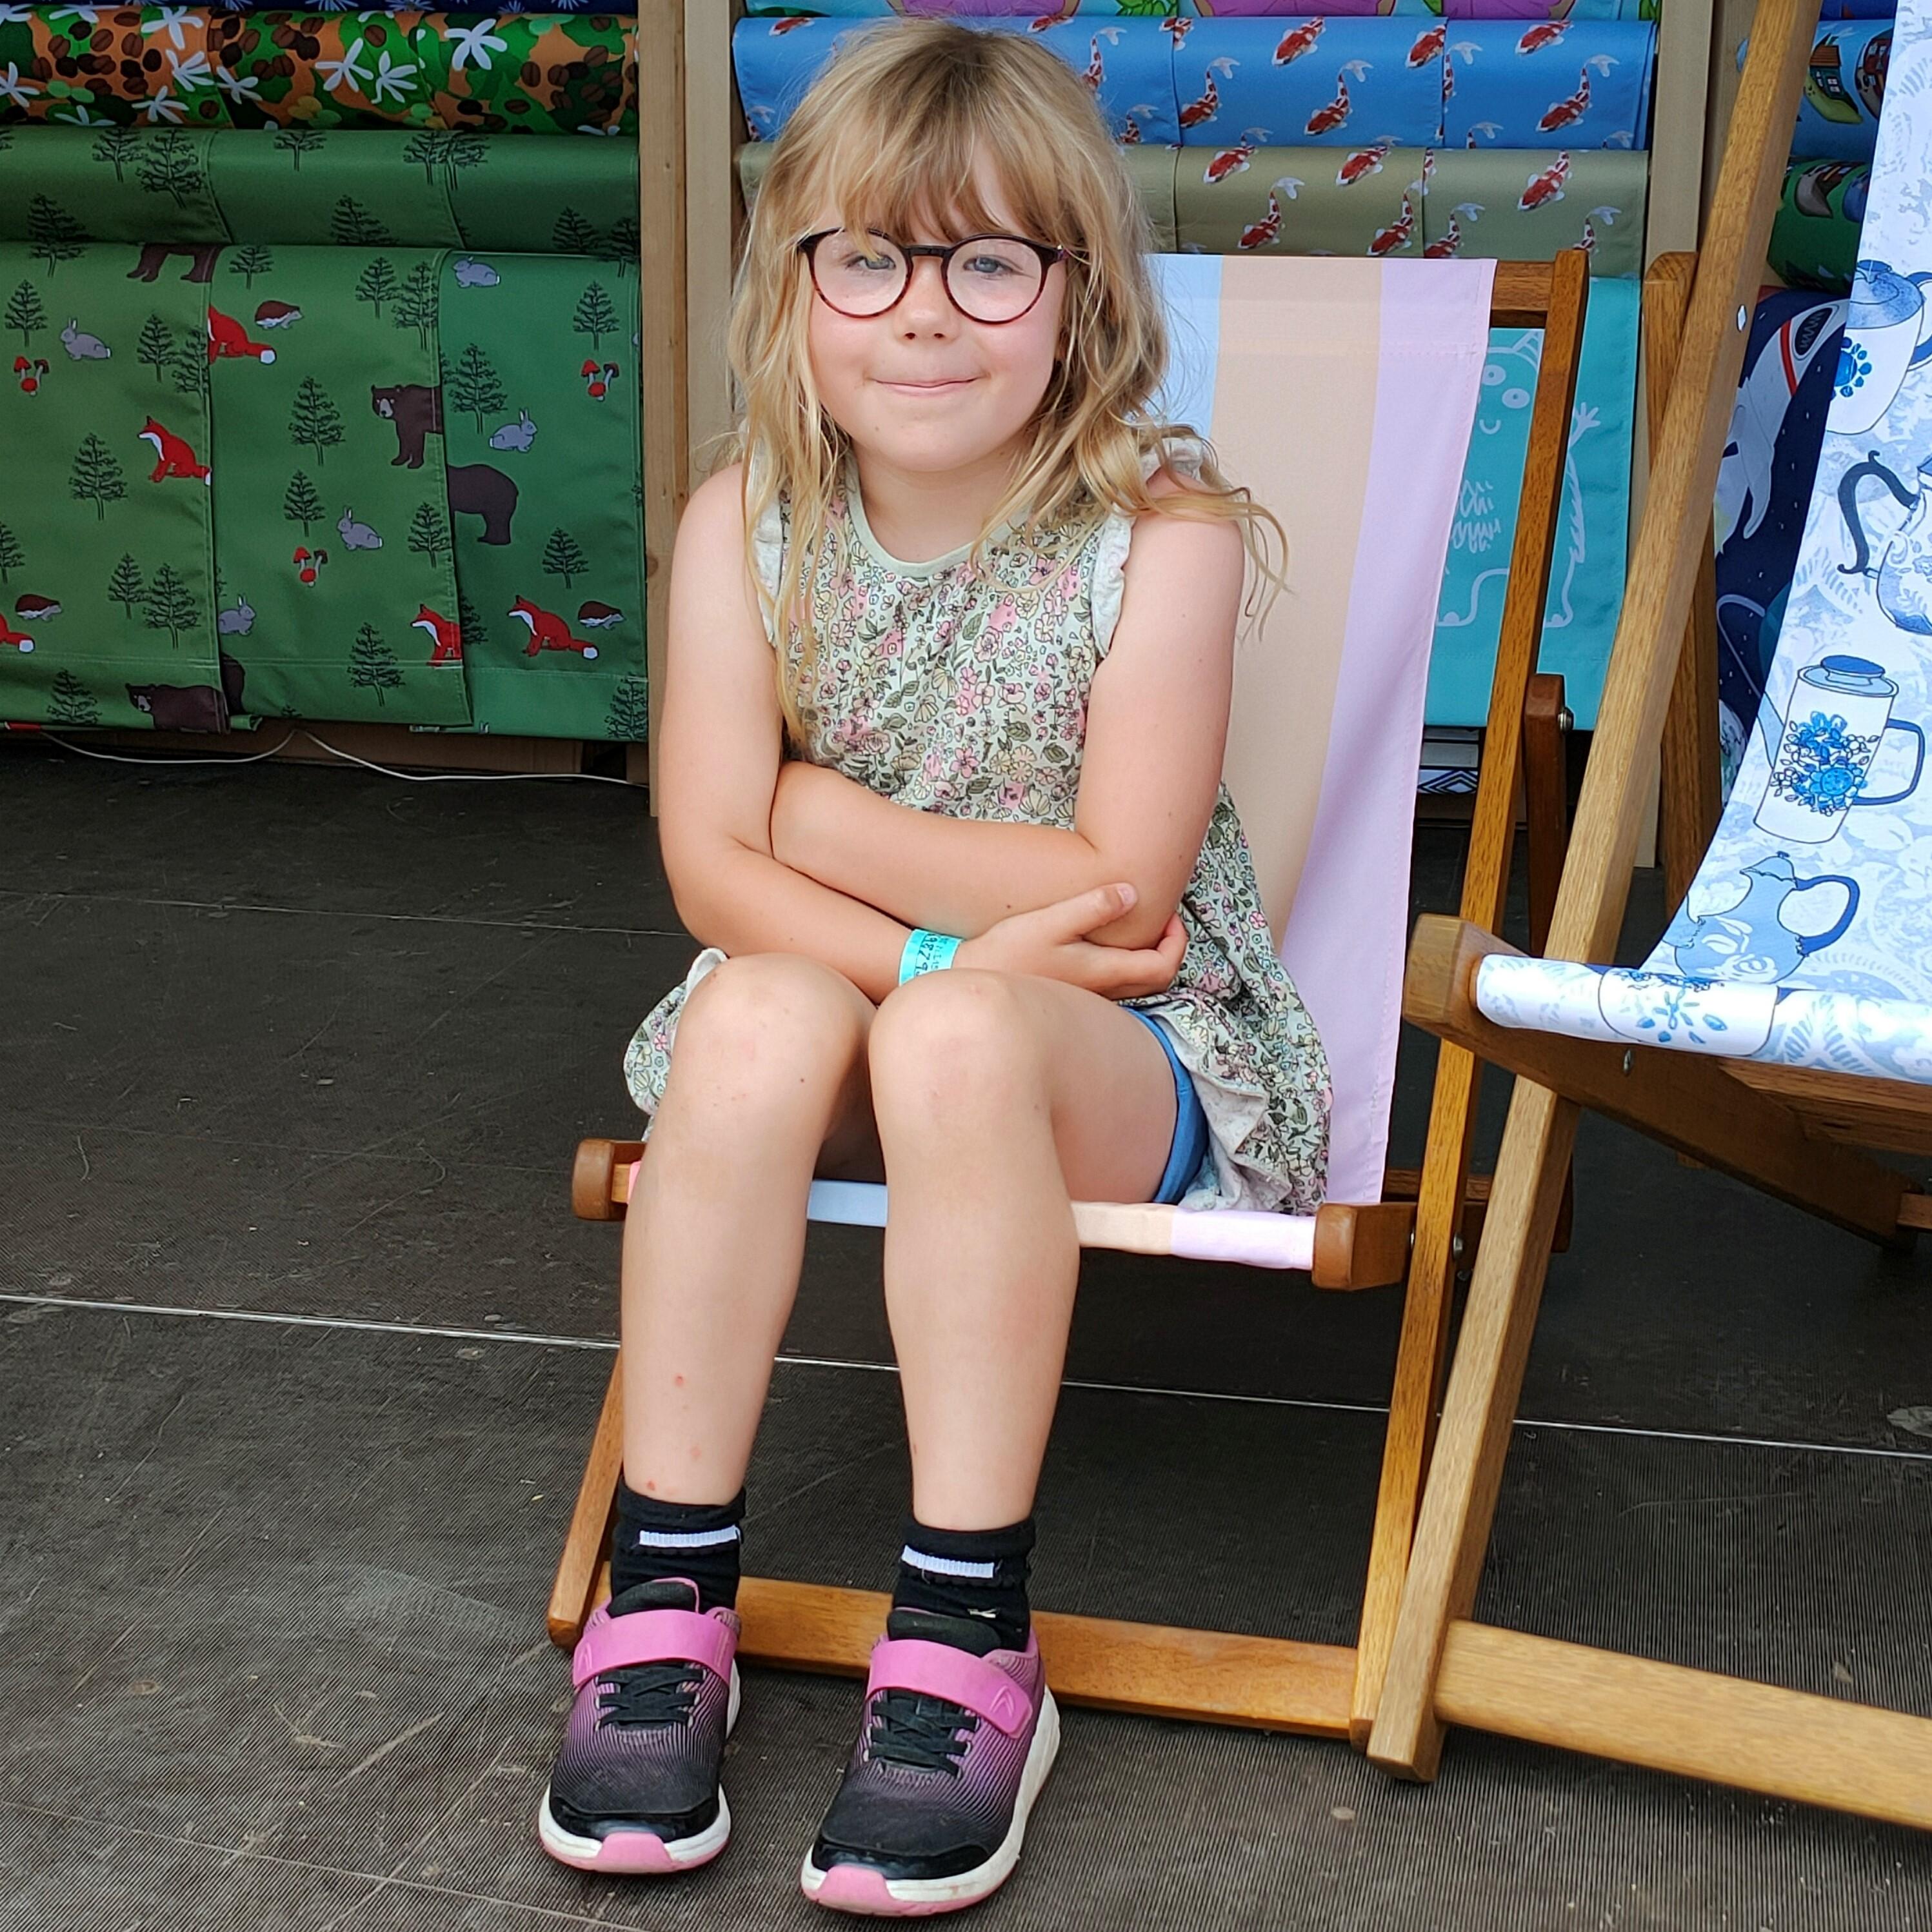 Child sat in junior size deck chair